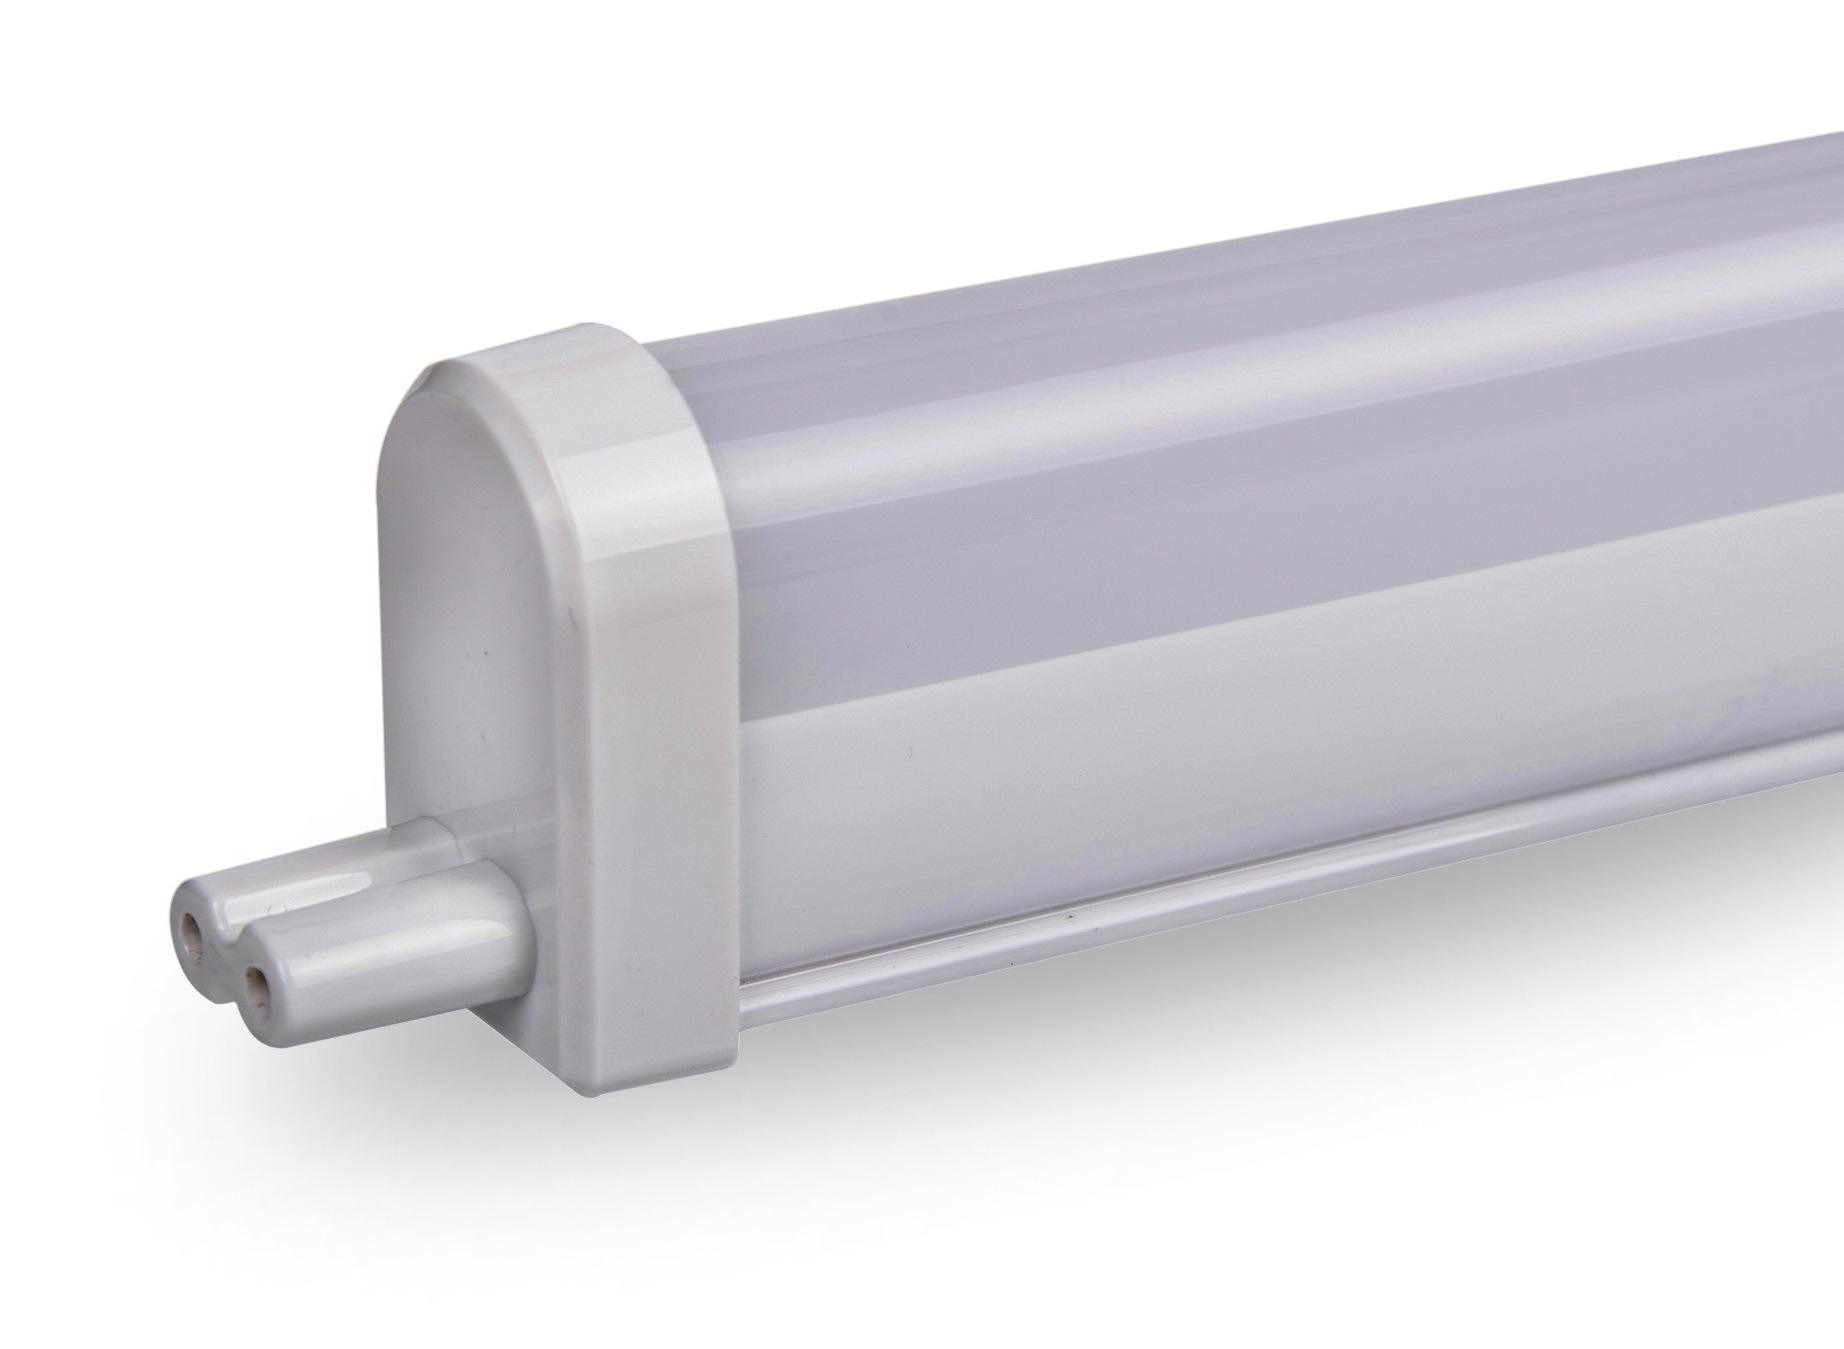 4W 8W 12W 16W G13 Aluminum PC T5 LED Tube